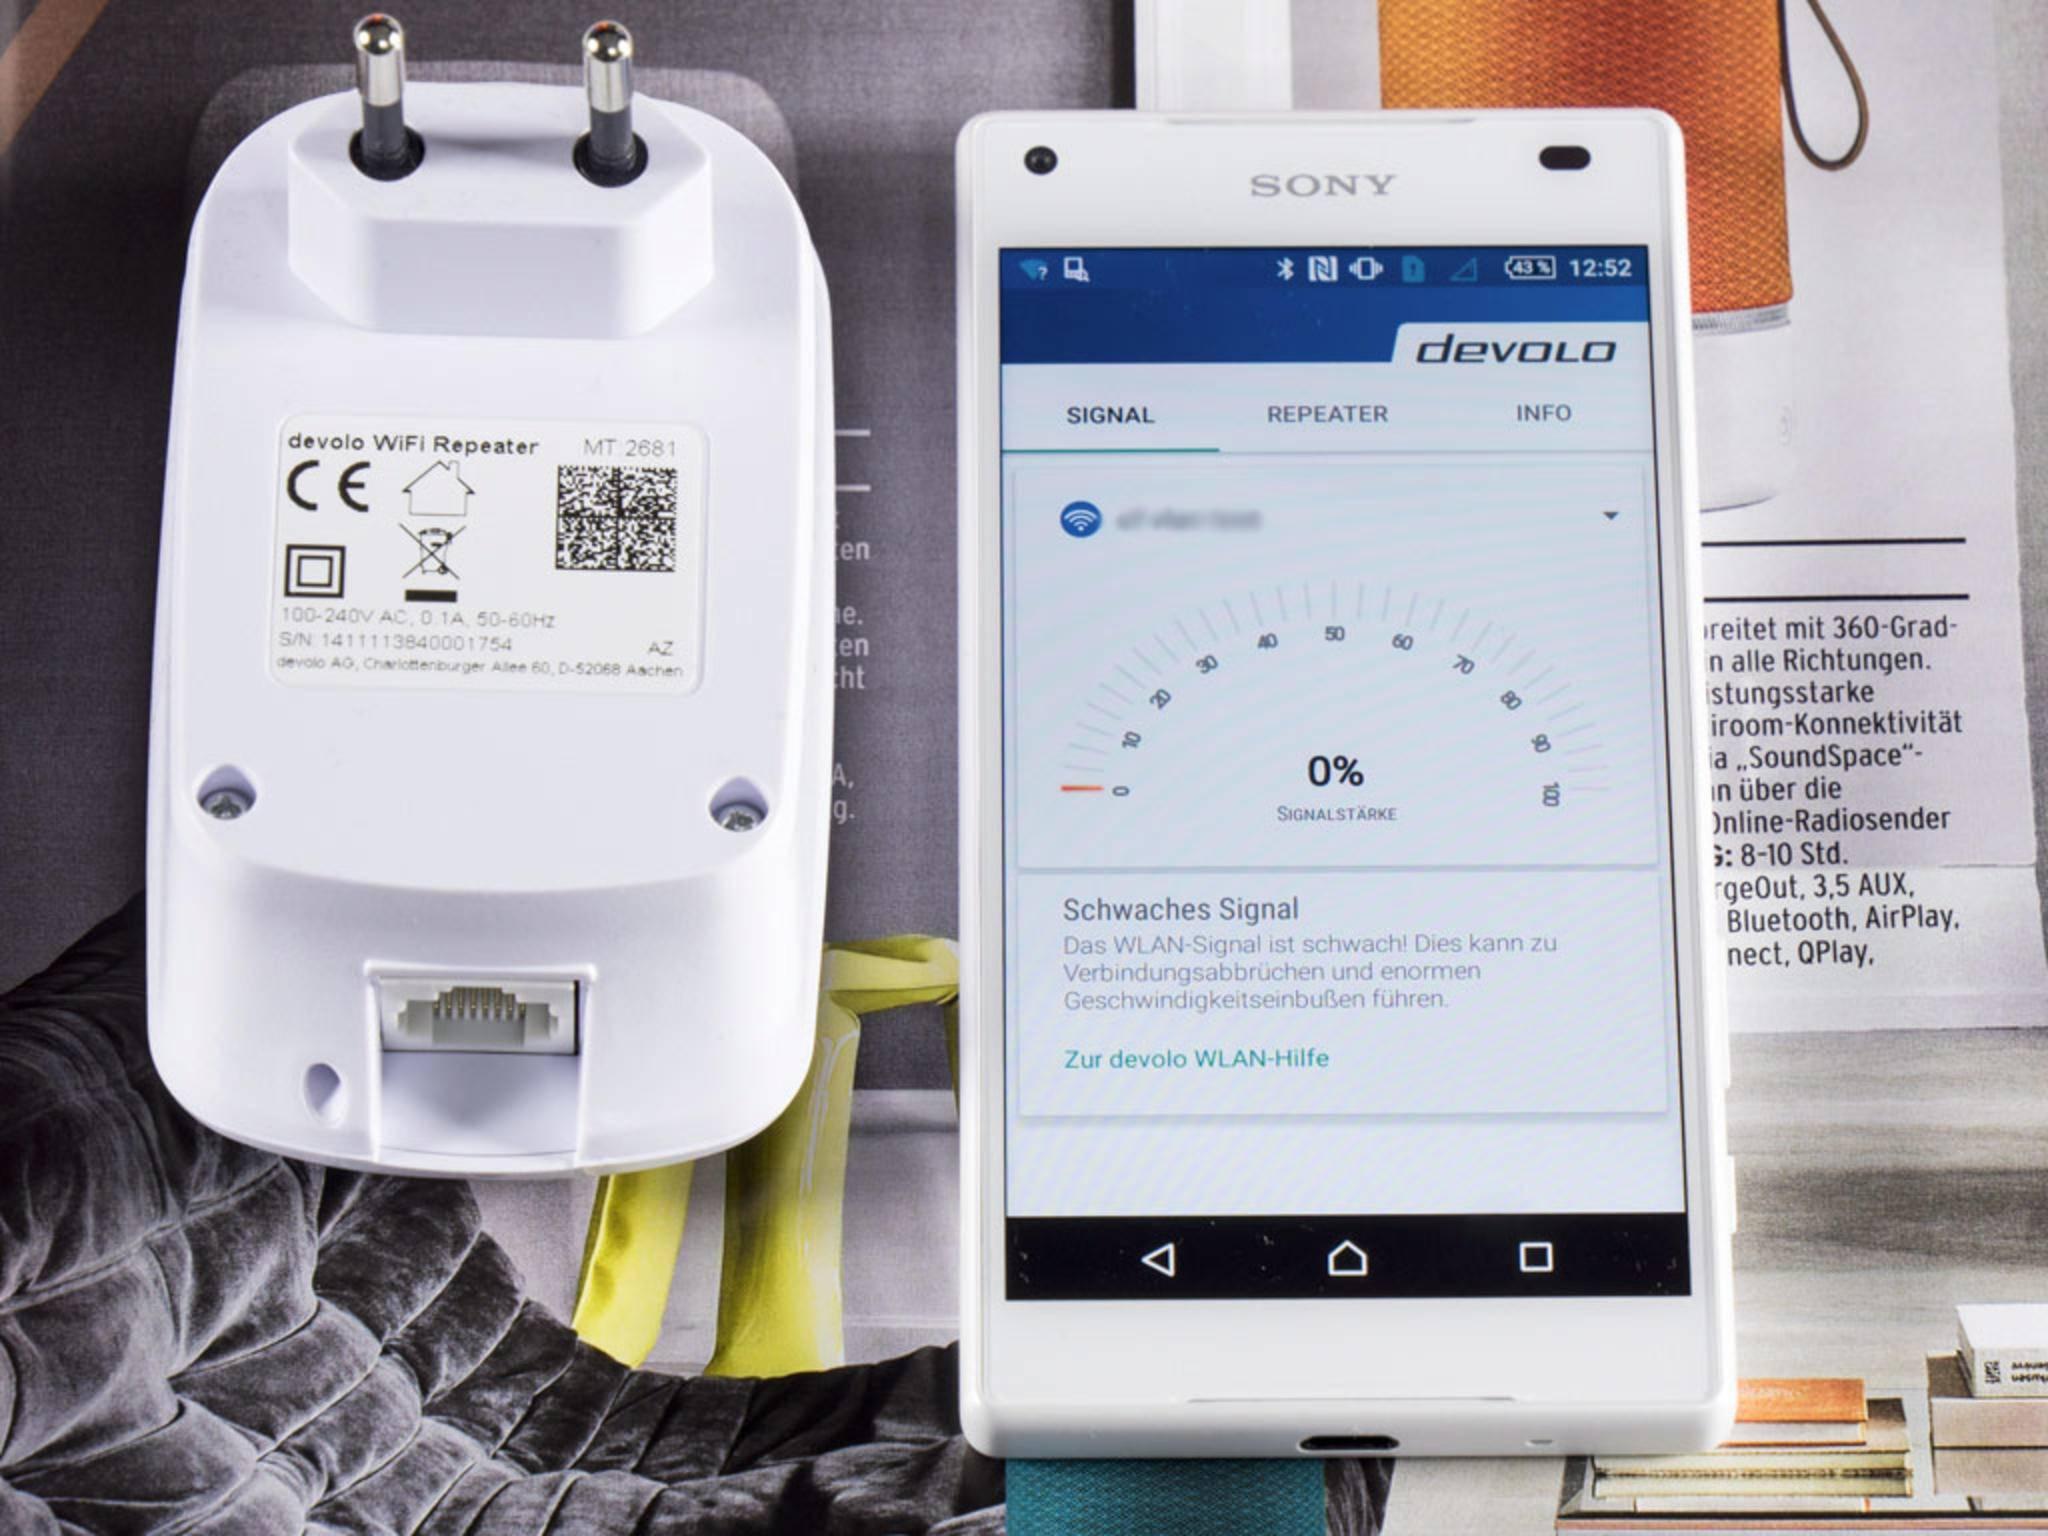 Die Android-App WLAN Hilfe kann die Signalstärke anzeigen.